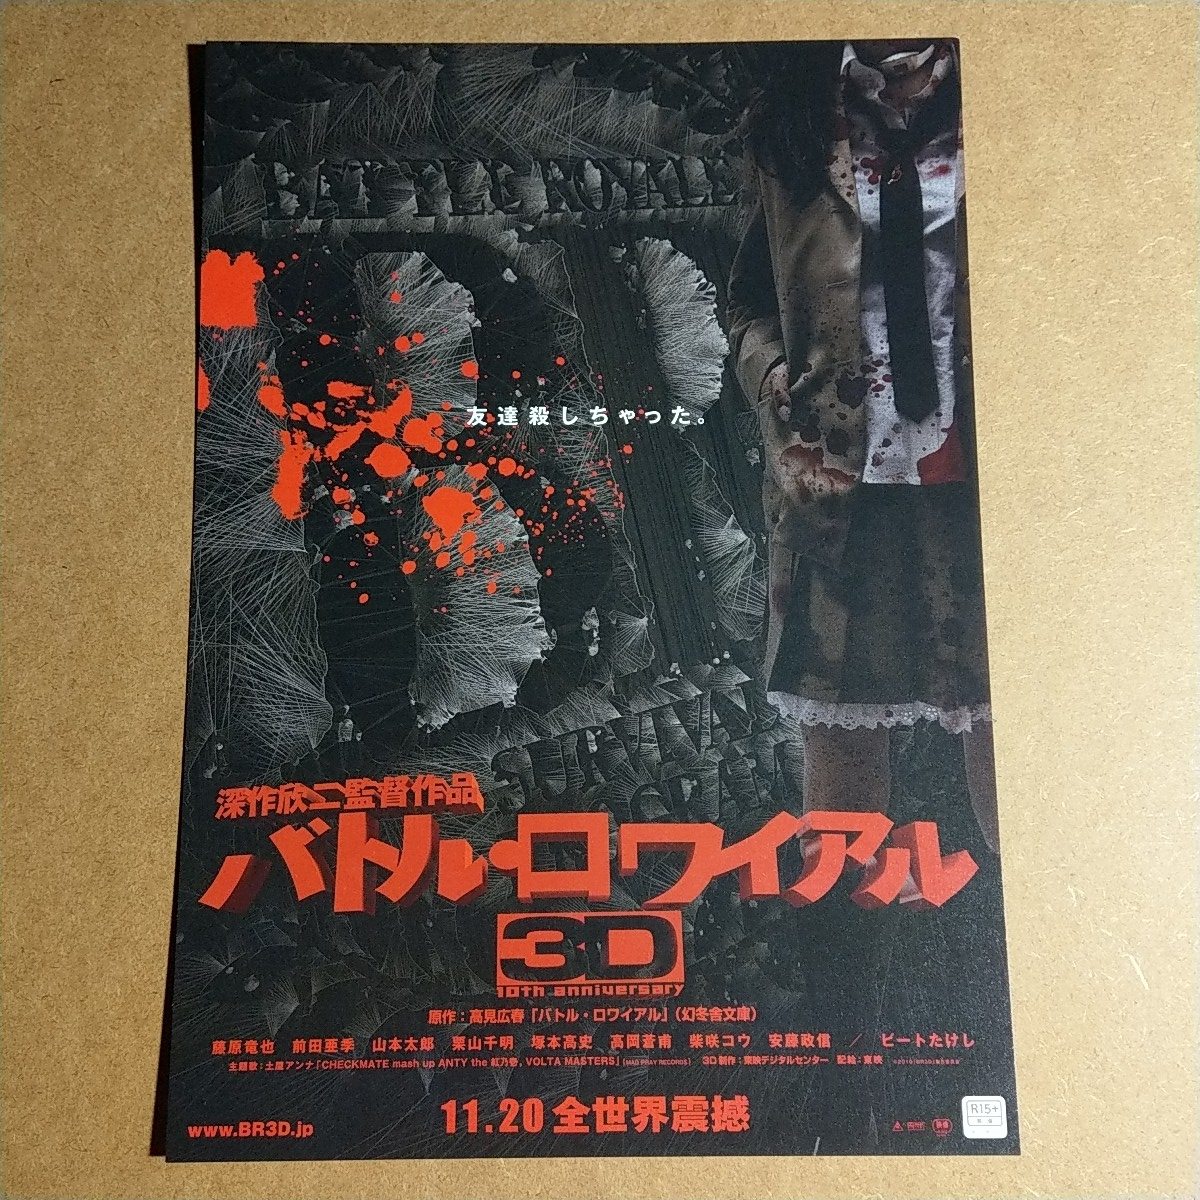 映画チラシ 【バトル・ロワイアル 3D】 B5 邦画_画像1